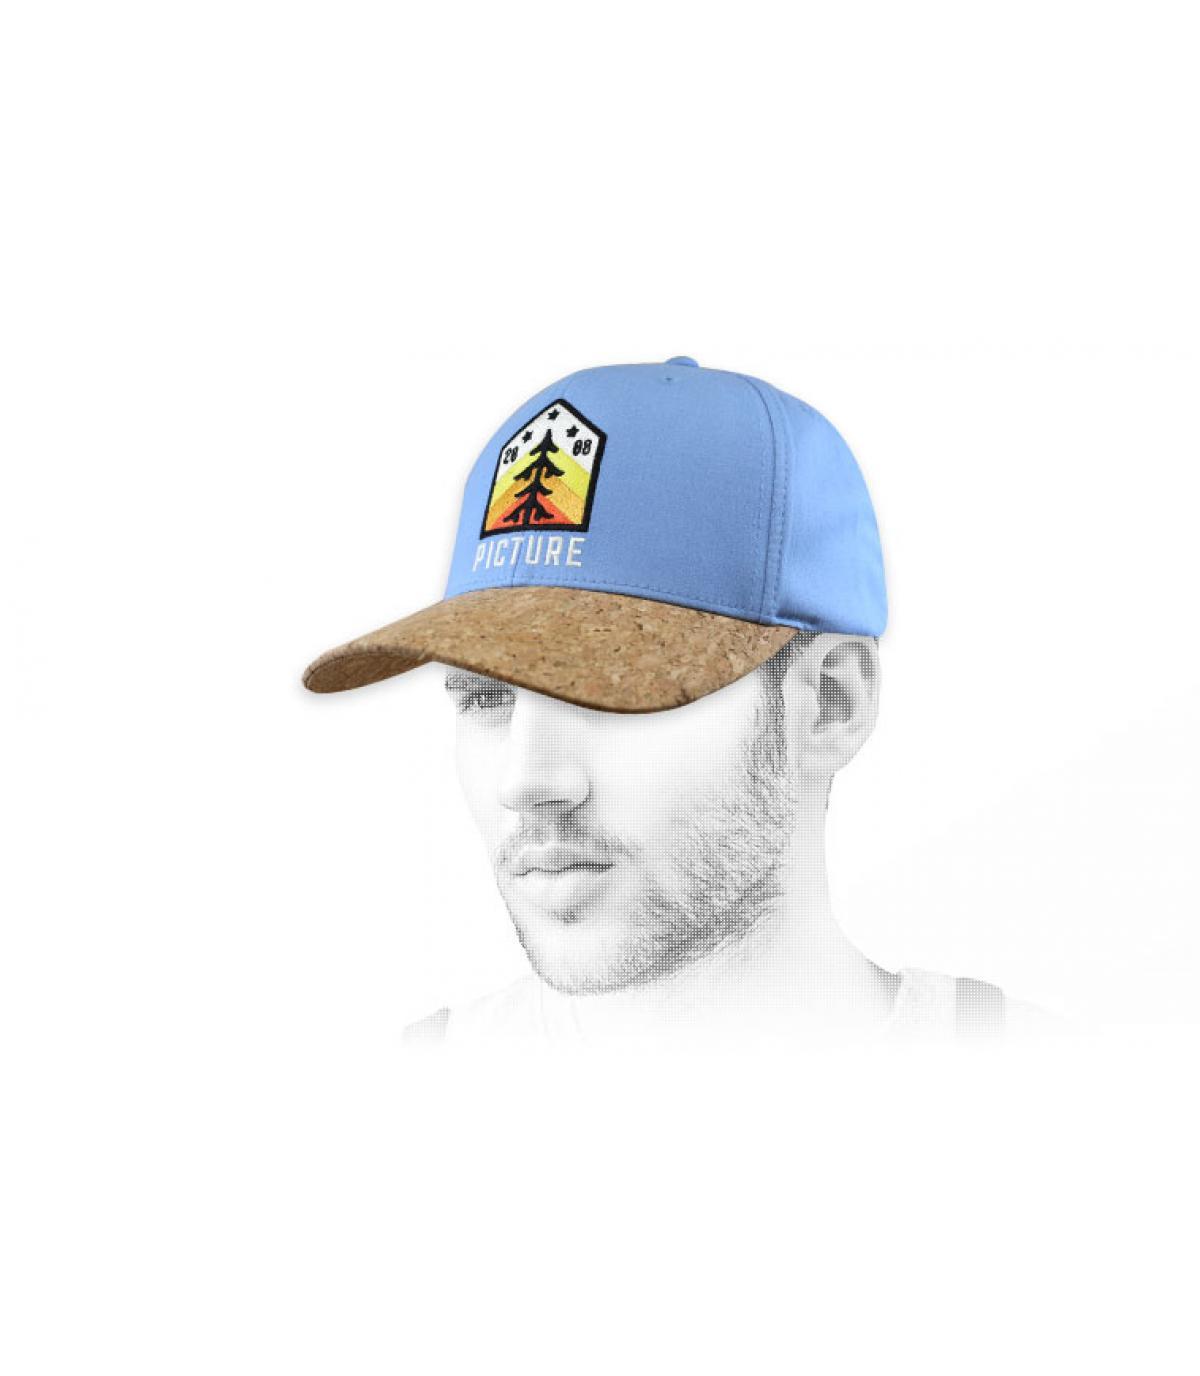 Cappellino con patch blu Picture